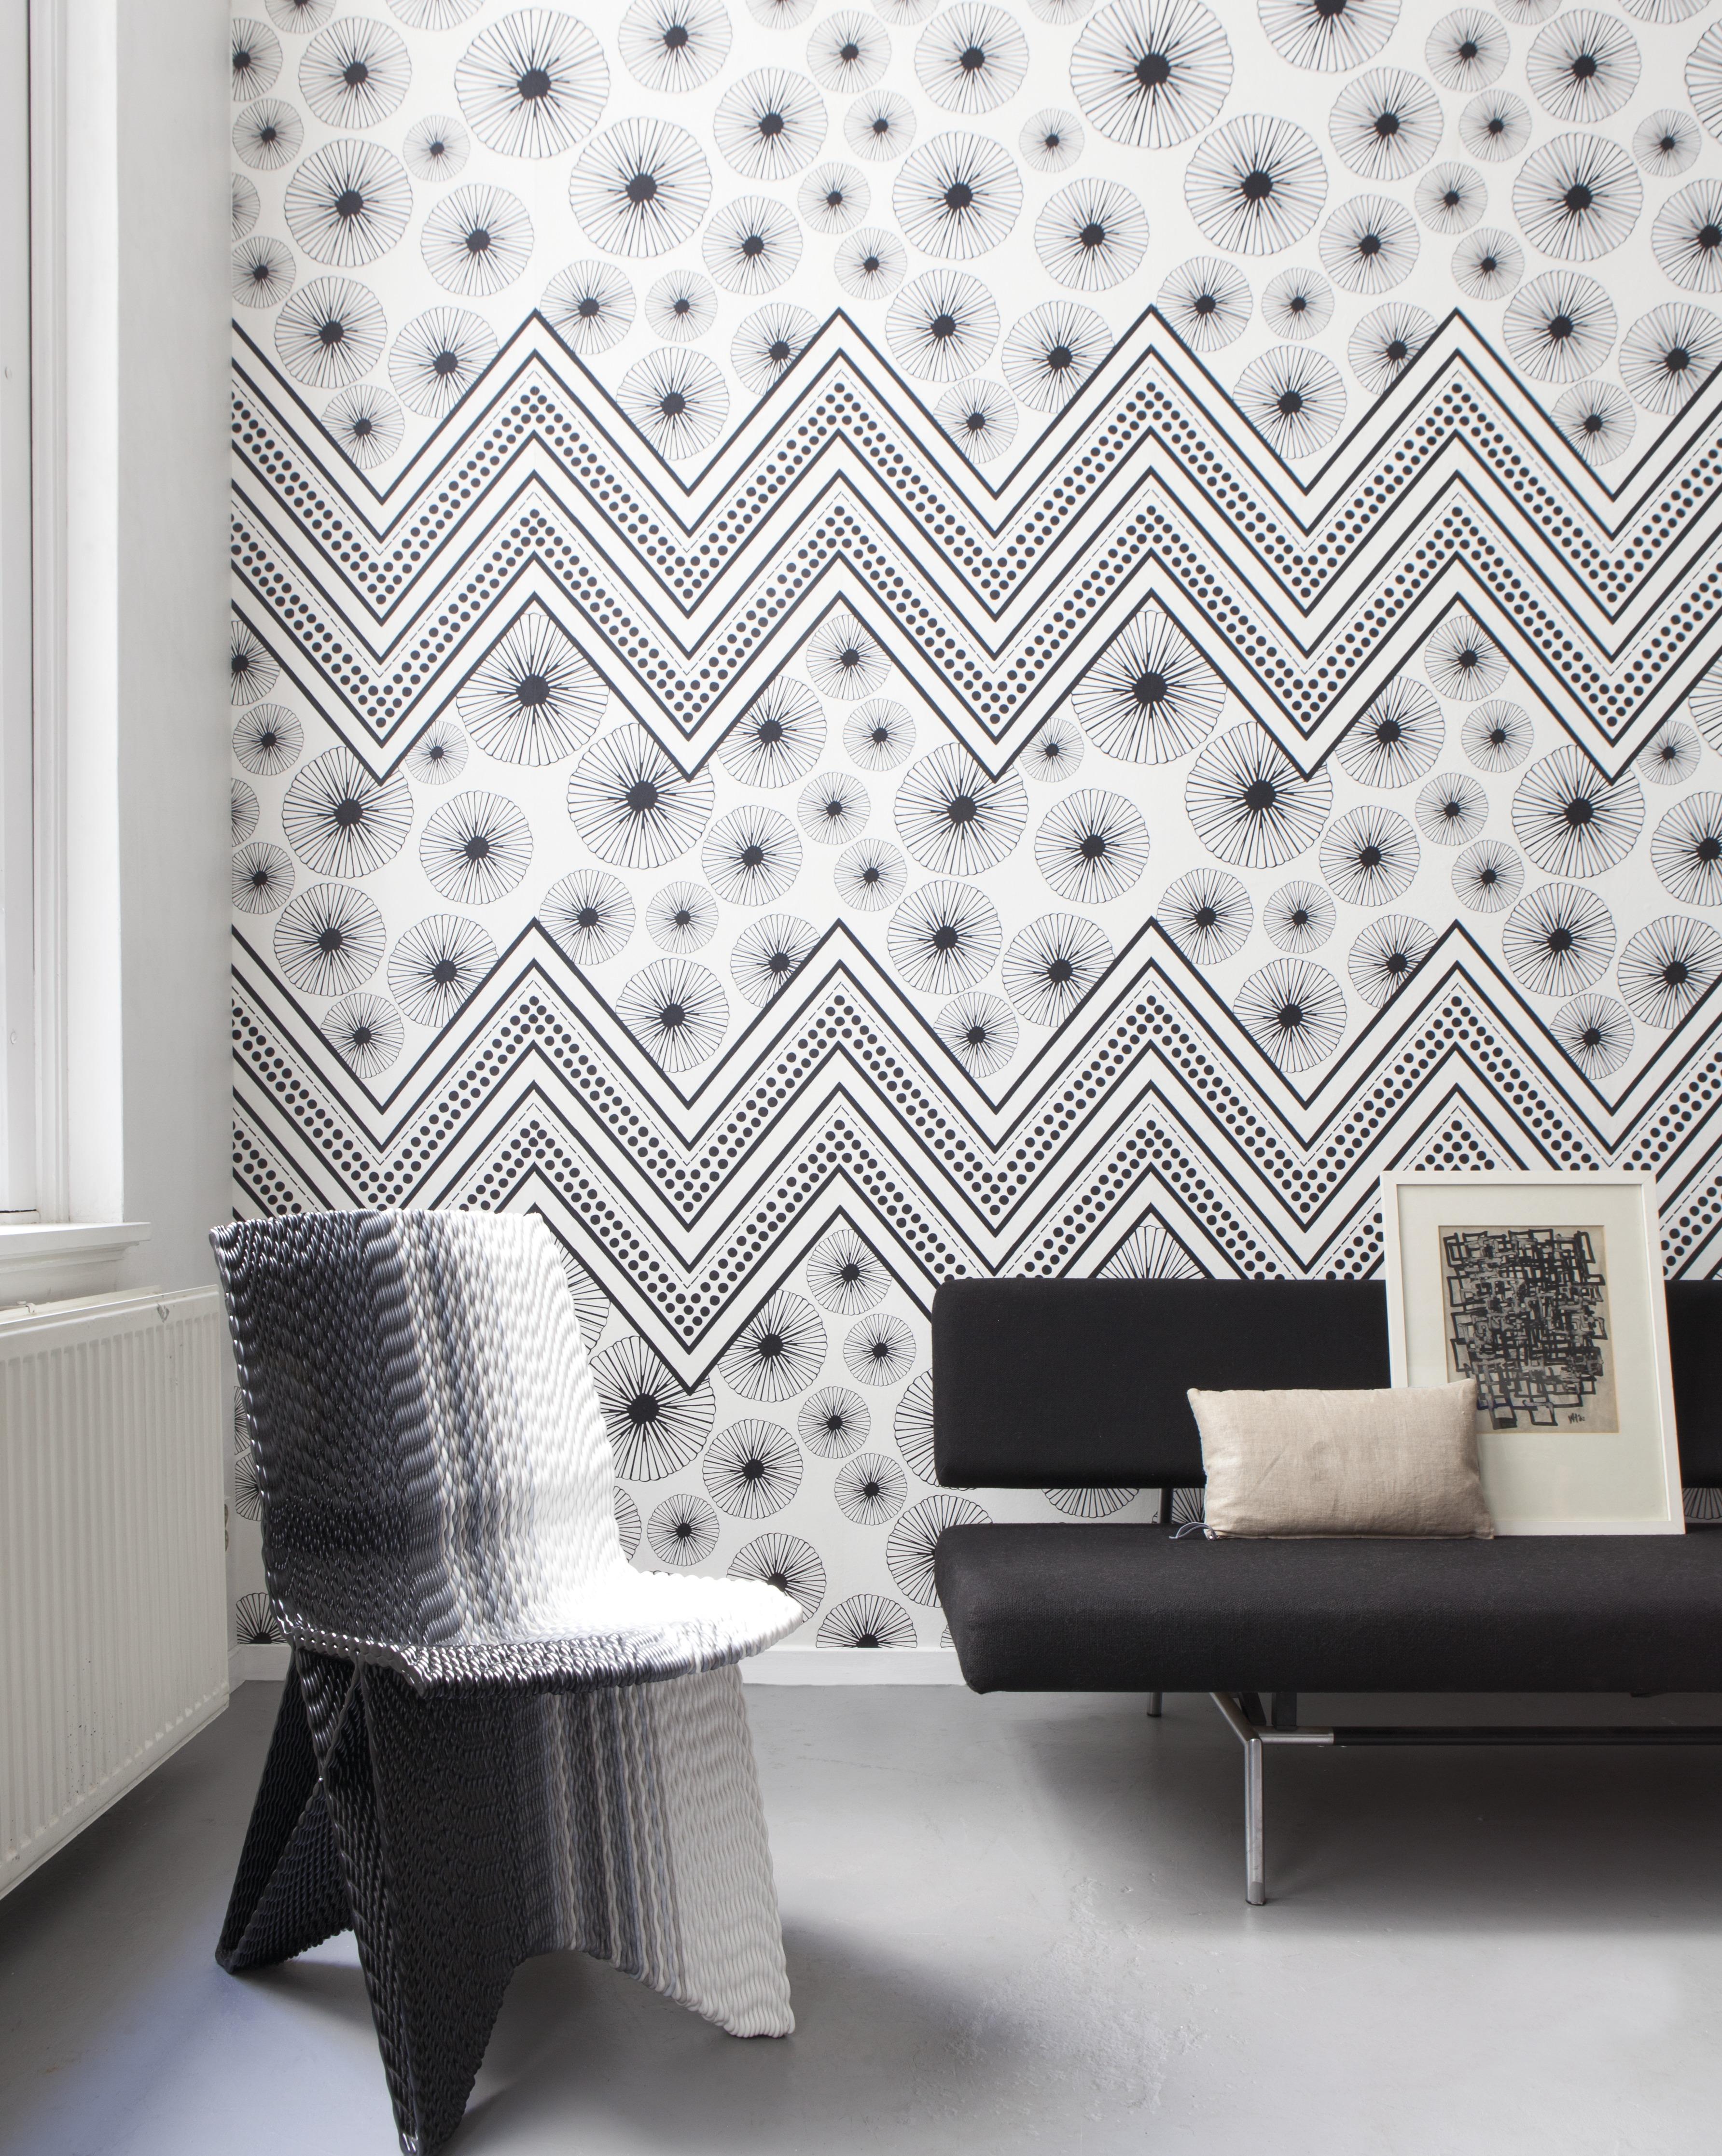 Feket fehér geometria mintás skandináv hangulatú fali poszter